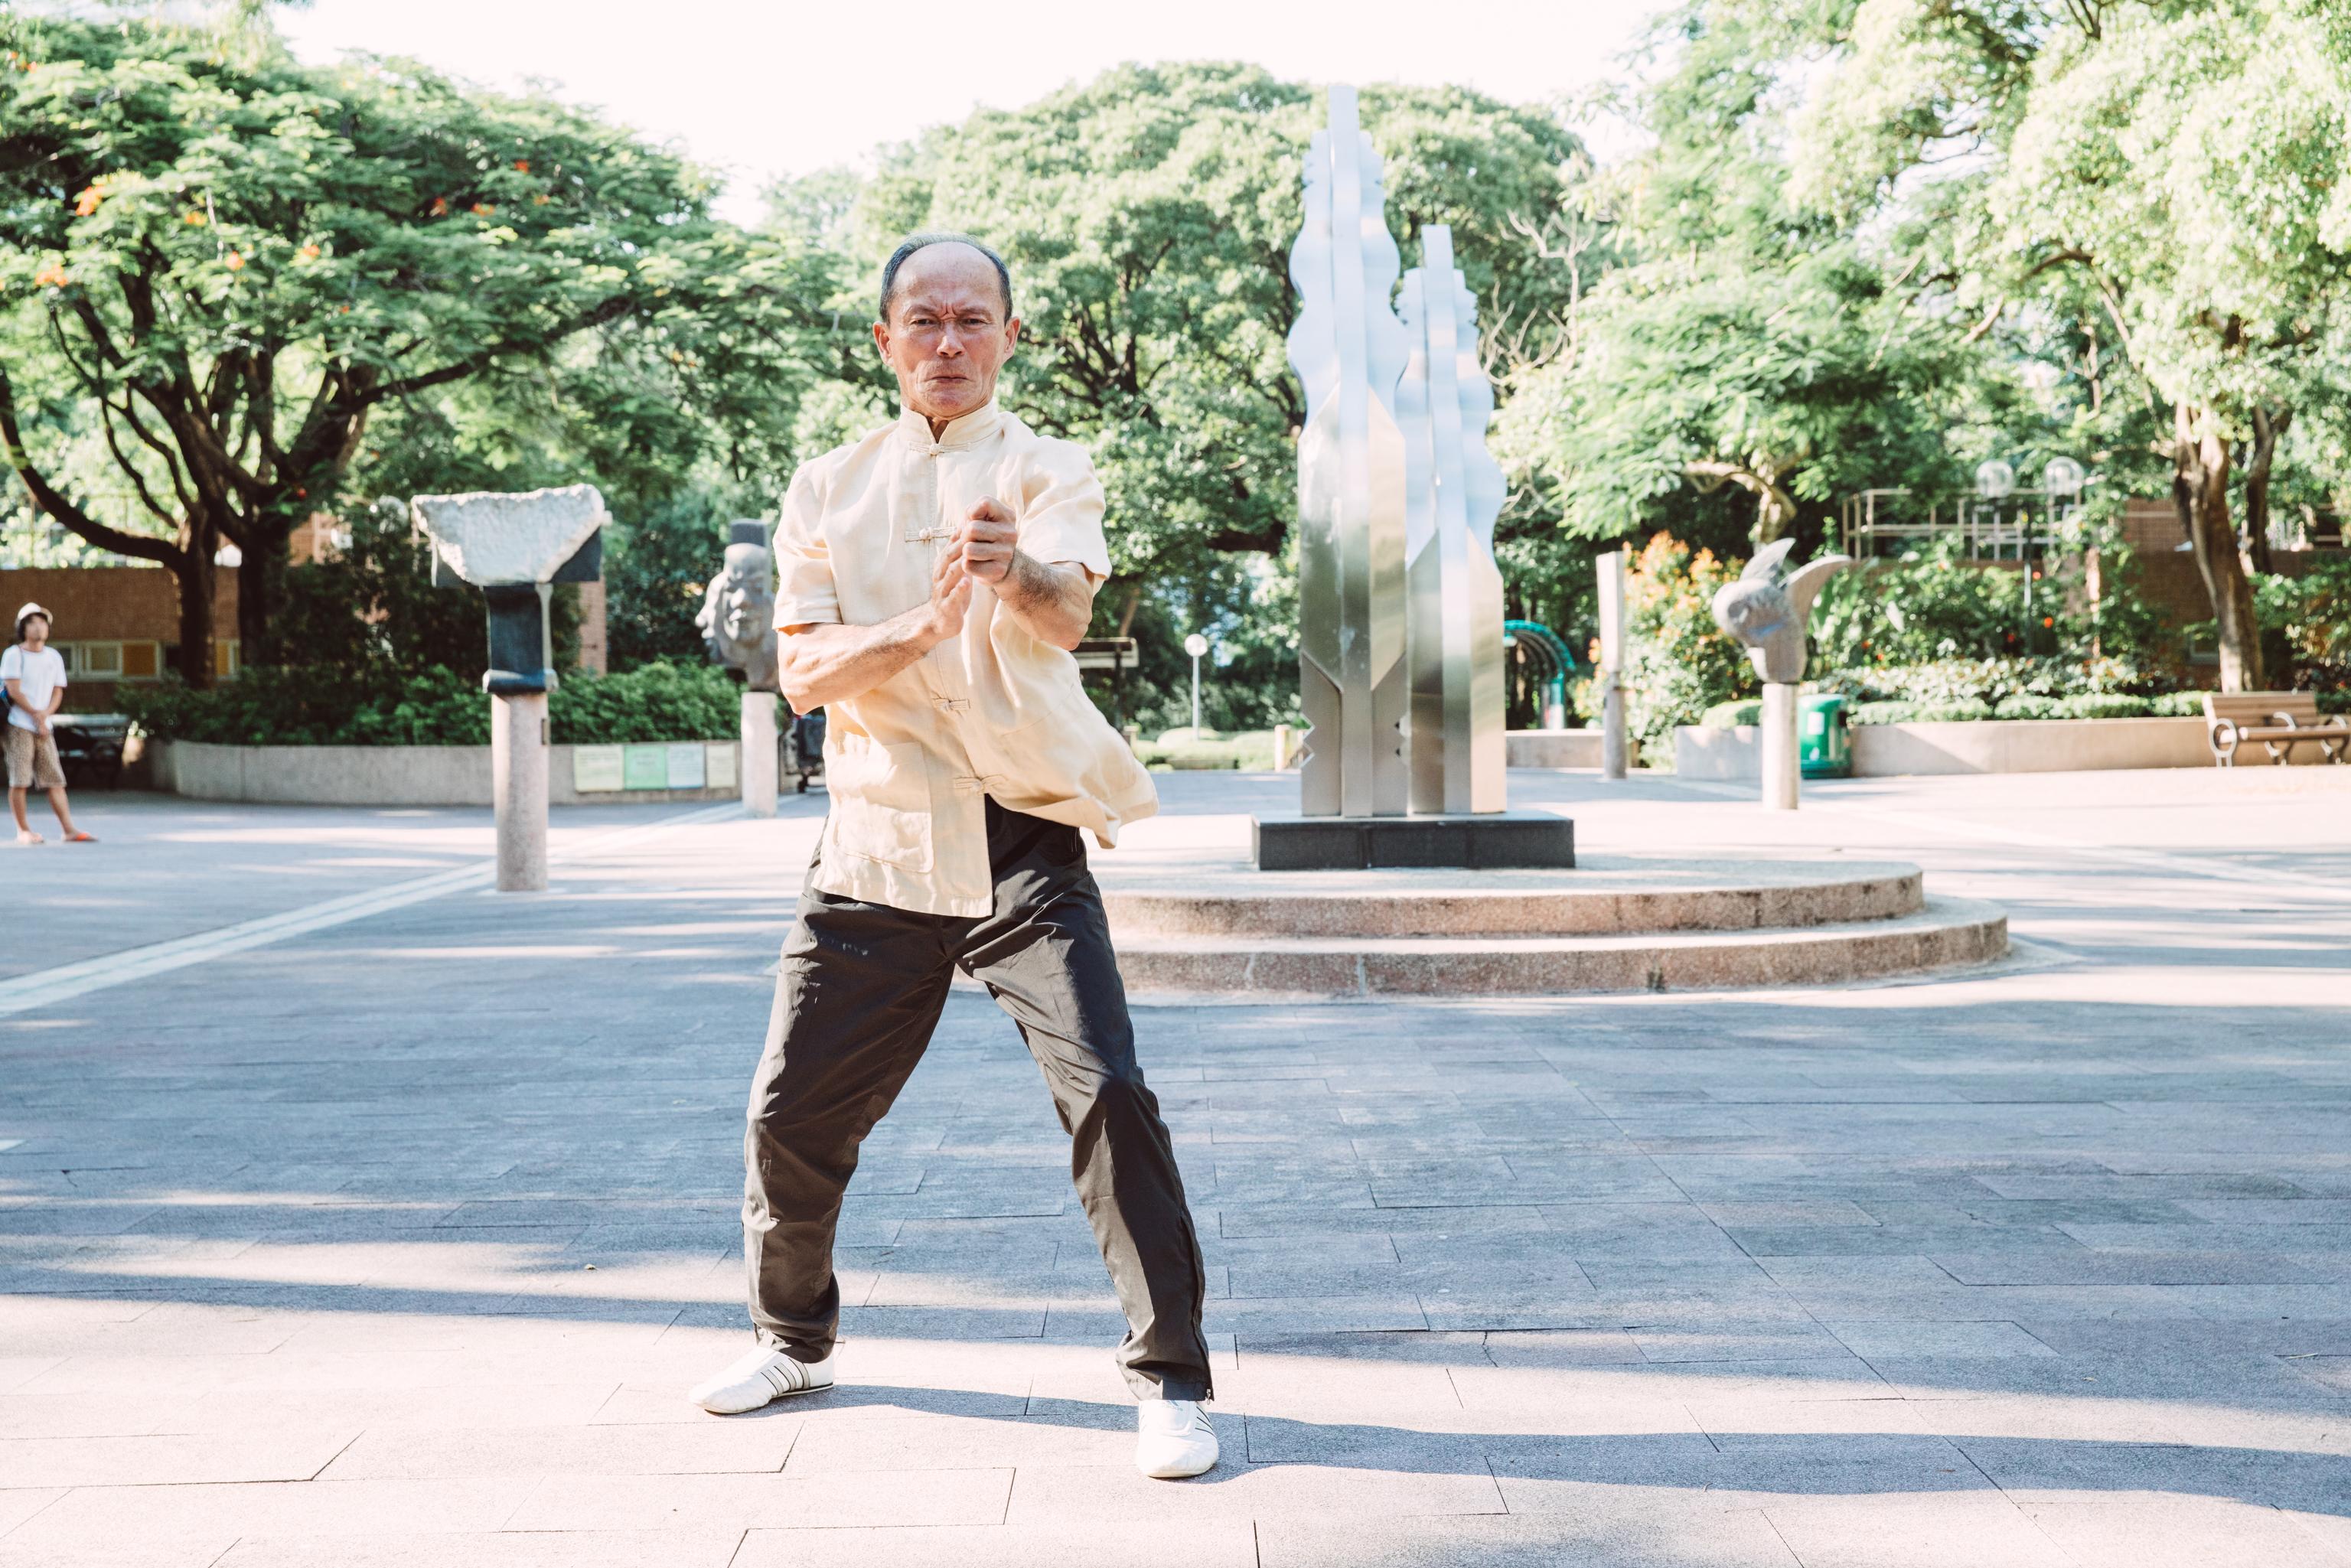 Chow Ka Southern Praying Mantis Master Li Tin-loy performs a set at a park in Hong Kong in 2016.